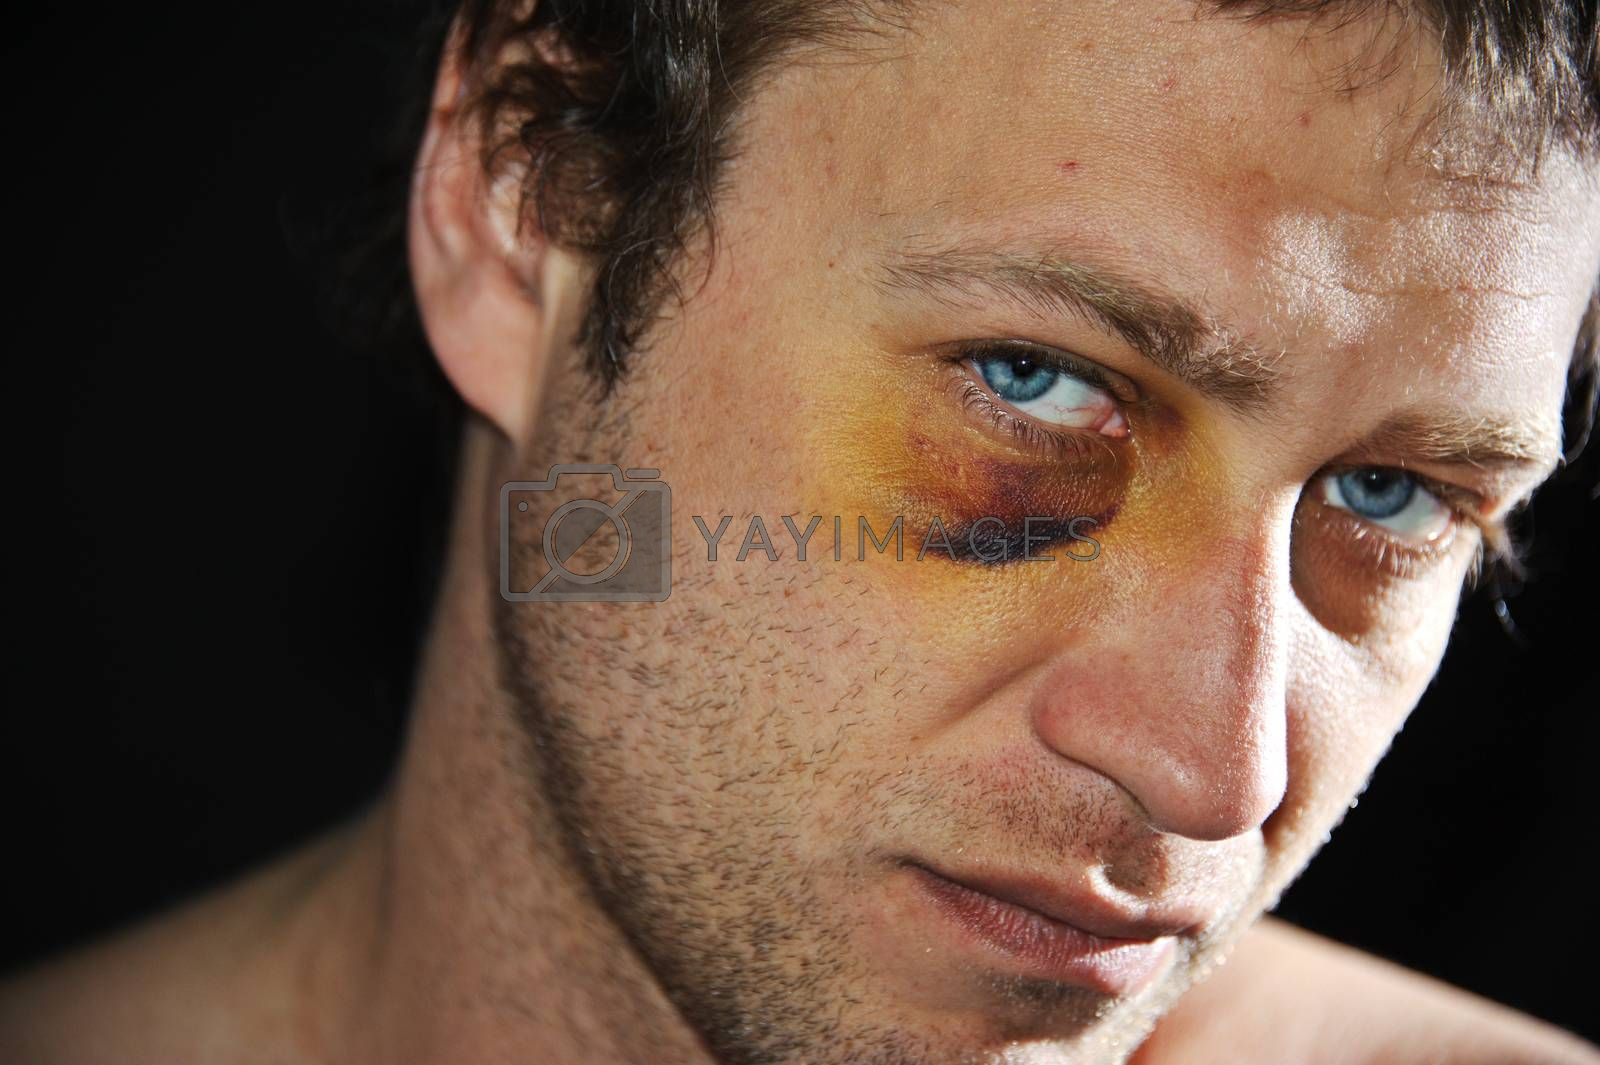 Bruised eye. by bashta